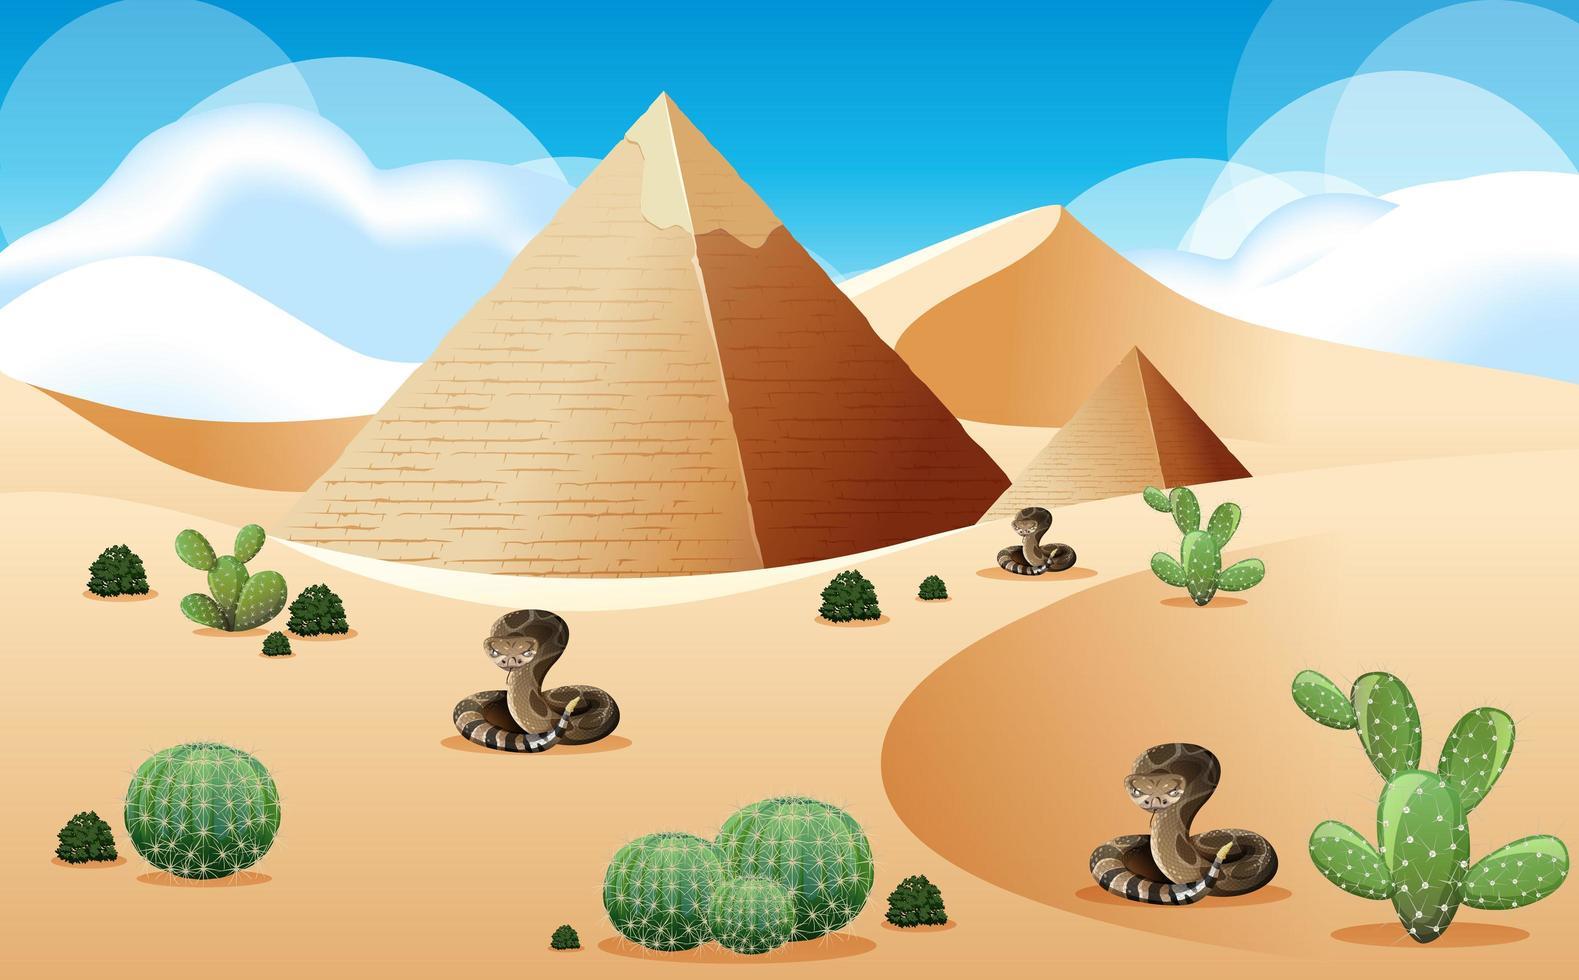 désert avec pyramide et paysage de crotales à la scène de jour vecteur